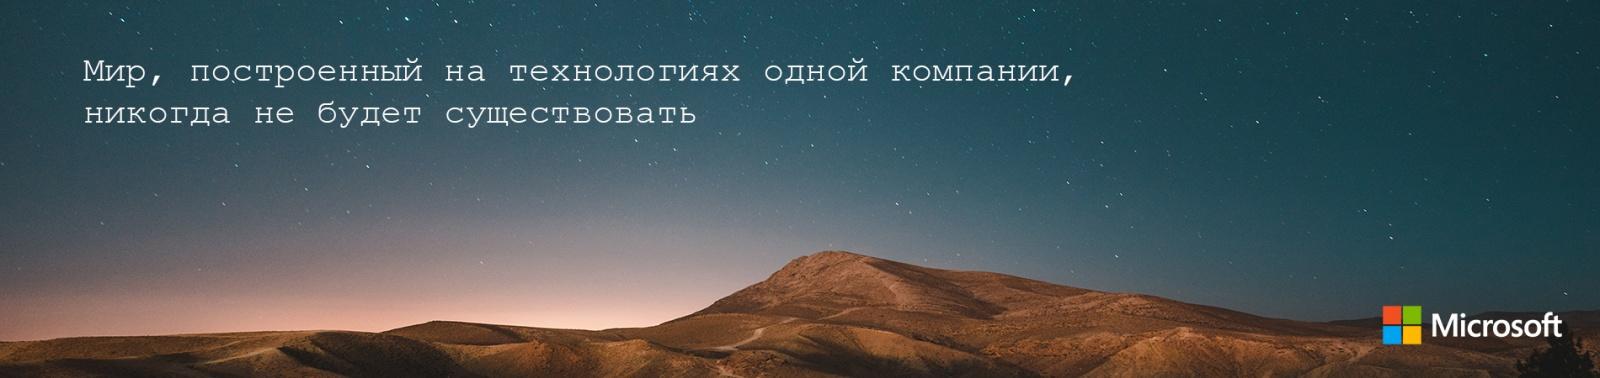 Digital Transformation: Интервью с Александром Ложечкиным - 3